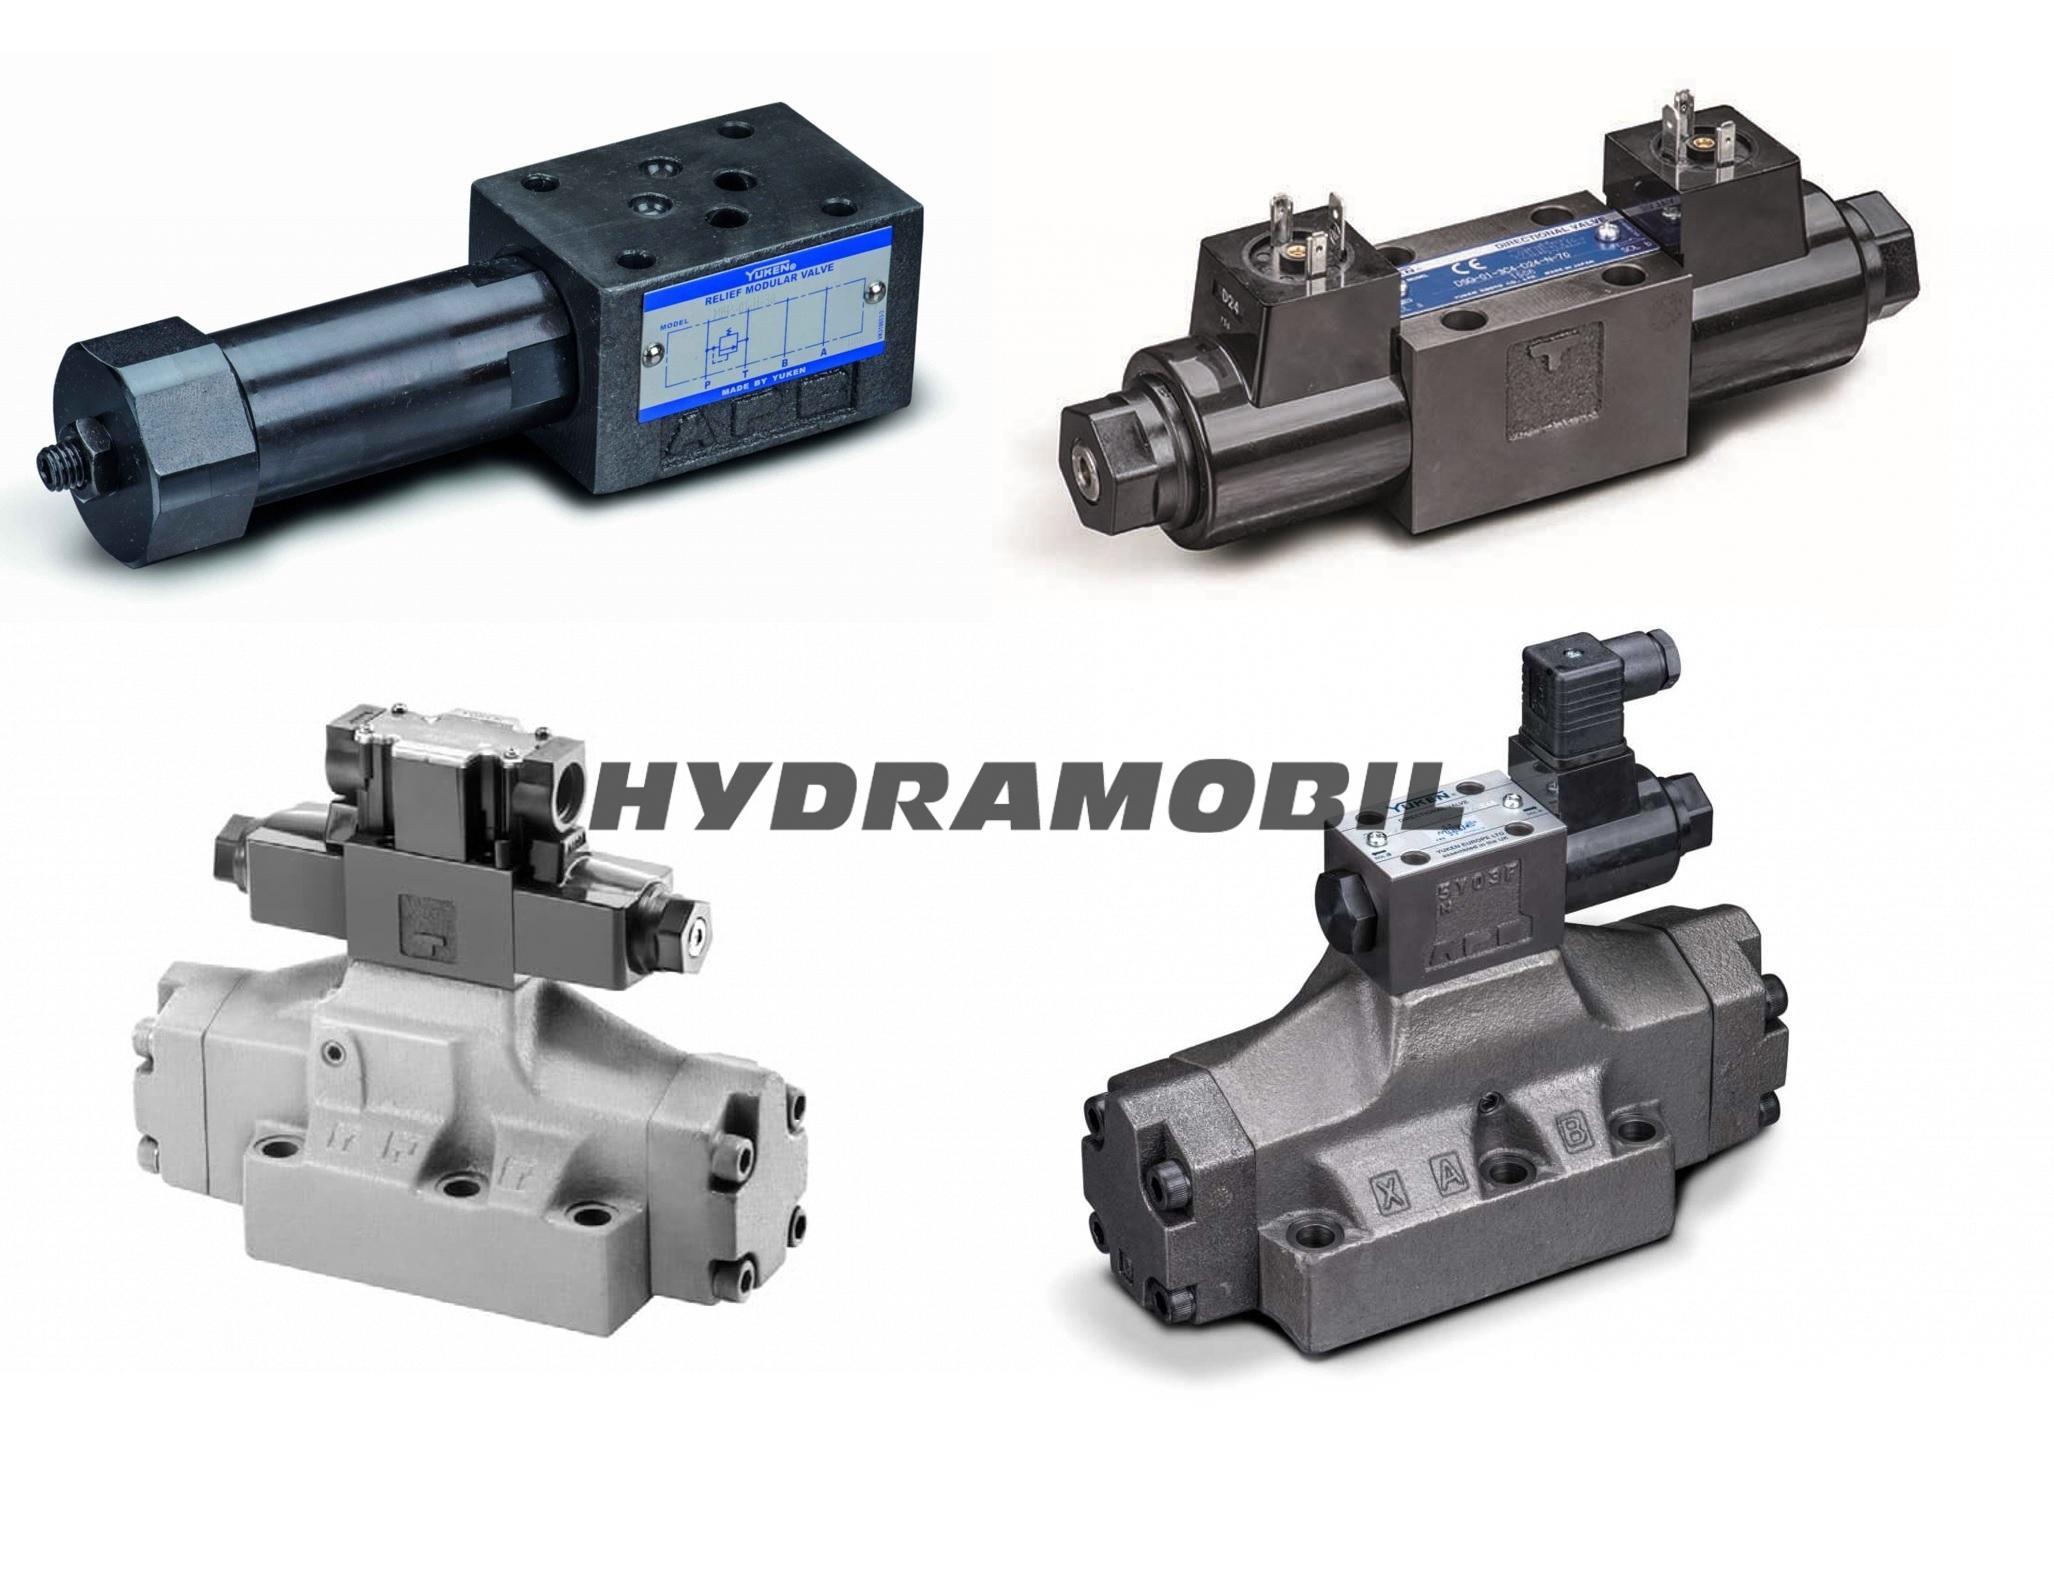 Yuken Hydraulic Equipment